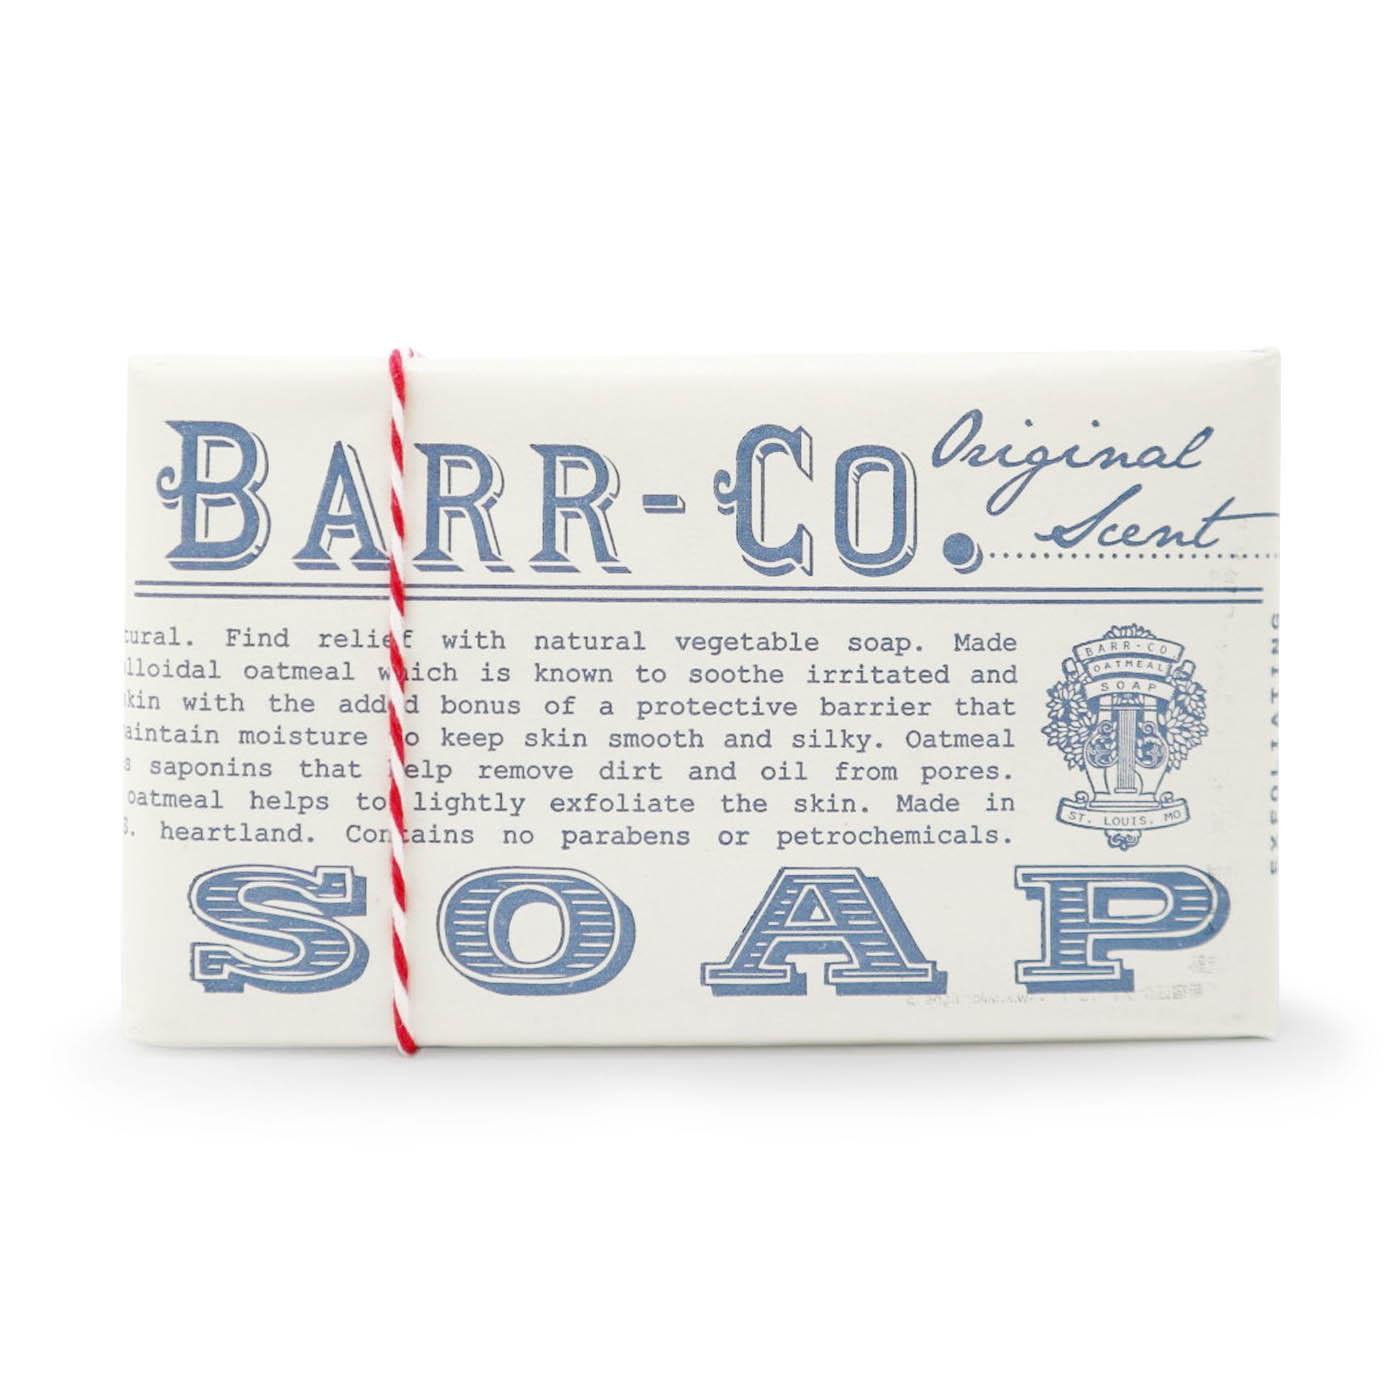 バーソープ ミルク&バニラ/BARR-CO(石鹸)